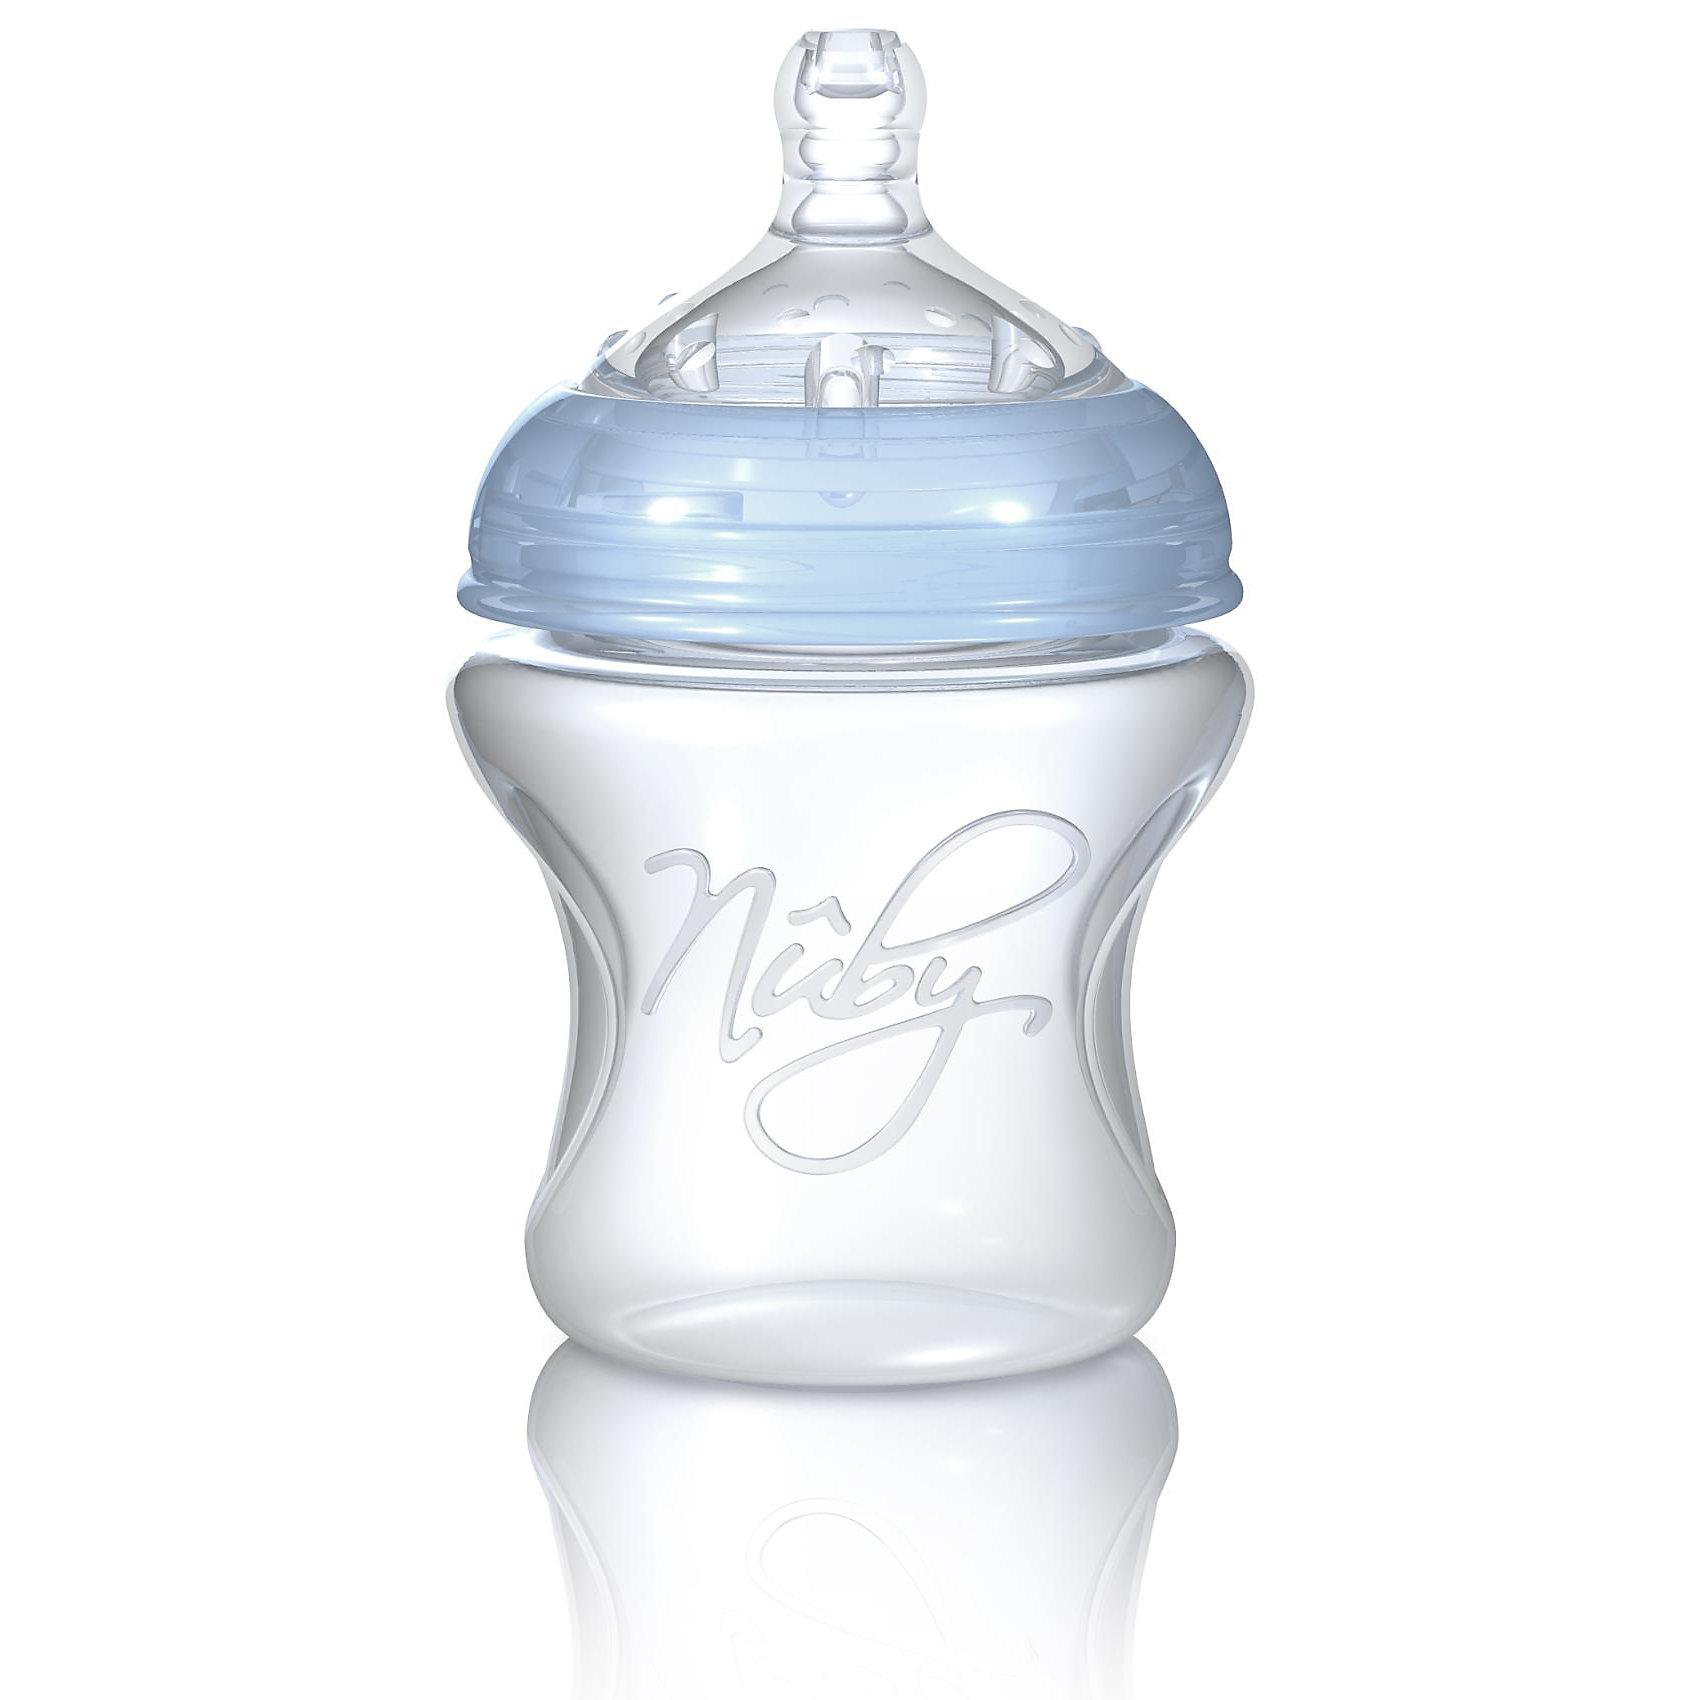 Бутылочка с широким горлышком Natural Touch 150 мл, Nuby110 - 180 мл.<br>Эта прочная и практичная бутылочка с широким горлышком из полипропилена (не содержит бисфенол A) станет идеальным спутником малыша для первых лет его жизни. Бутылочка оснащена соской Natural Touch размера S (грудное молоко, чай, вода) с медленным потоком для новорожденных.<br><br>Чрезвычайно мягкая соска с широким основанием повторяет форму и размеры материнской груди, а также имитирует ее движения во время кормления. Это позволяет чередовать кормление грудью и кормление из бутылочки. Маленькие шишечки на поверхности соски нежно стимулируют десны и облегчают процесс прорезывания зубов. <br>Три специальных воздушных клапана Soft-Air независимо друг от друга регулируют циркуляцию воздуха в бутылочке, эффективно предотвращают возникновение колик и спазмов в животе.<br><br>- можно мыть в посудомоечной машине<br>- можно дезинфицировать в паровом или микроволновом стерилизаторе<br>- широкое горлышко для легкого наполнения и очистки бутылочки<br>- защитный колпачок-непроливайка<br>- с соской размером S для новорожденных<br>- емкость: 150 мл.<br><br>Можно комбинировать с линейкой сосок и бутылочек Nuby Natural Touch Soft-Flex.<br><br>Бутылочки и соски Natural Touch не содержат бисфенол A.<br><br>Ширина мм: 132<br>Глубина мм: 80<br>Высота мм: 80<br>Вес г: 110<br>Возраст от месяцев: 0<br>Возраст до месяцев: 24<br>Пол: Унисекс<br>Возраст: Детский<br>SKU: 1860004